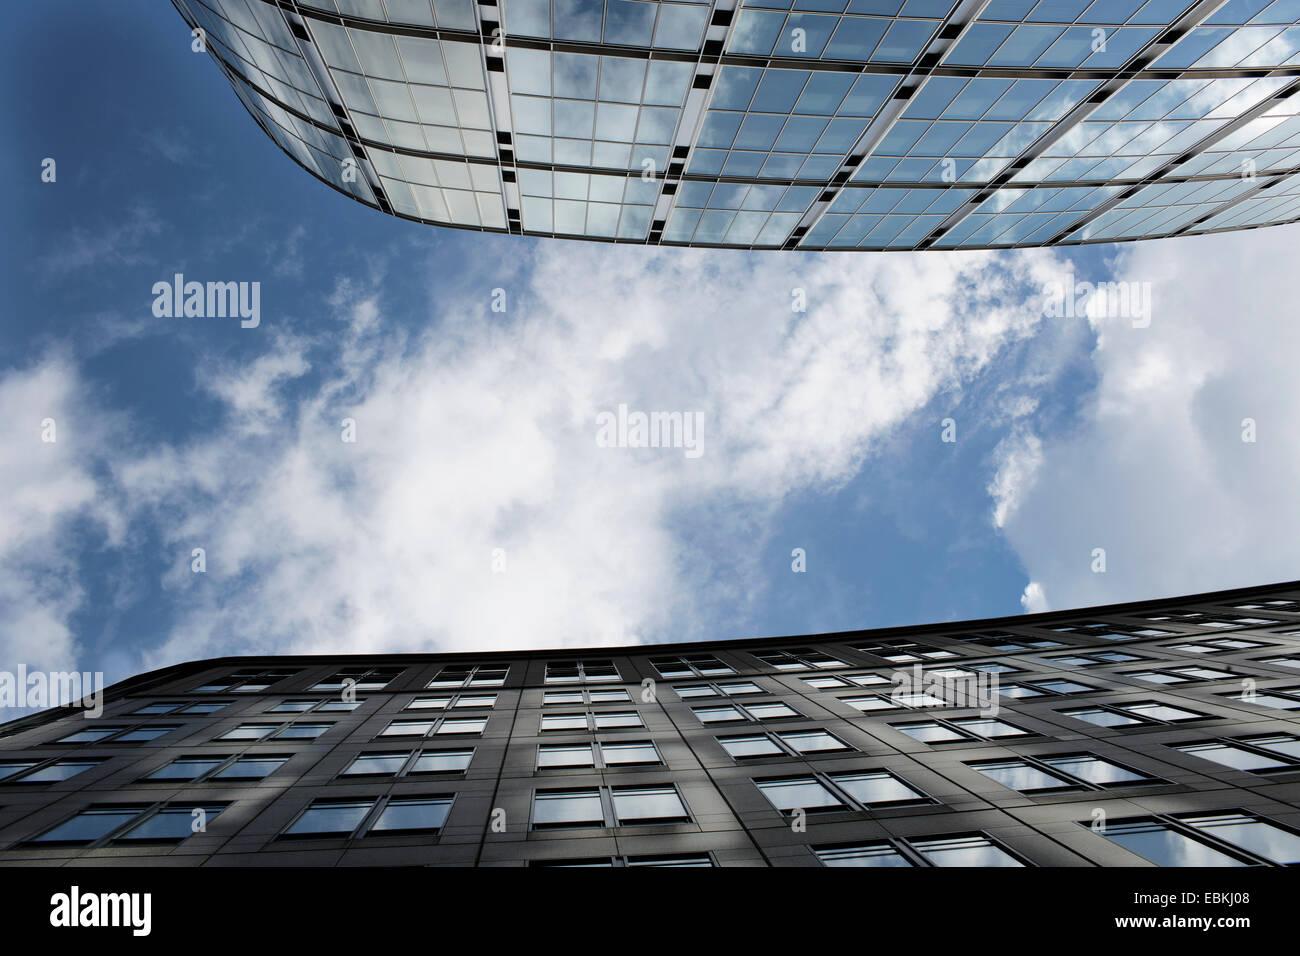 Mirando al cielo entre bloques de torre de cristal. Foto de stock